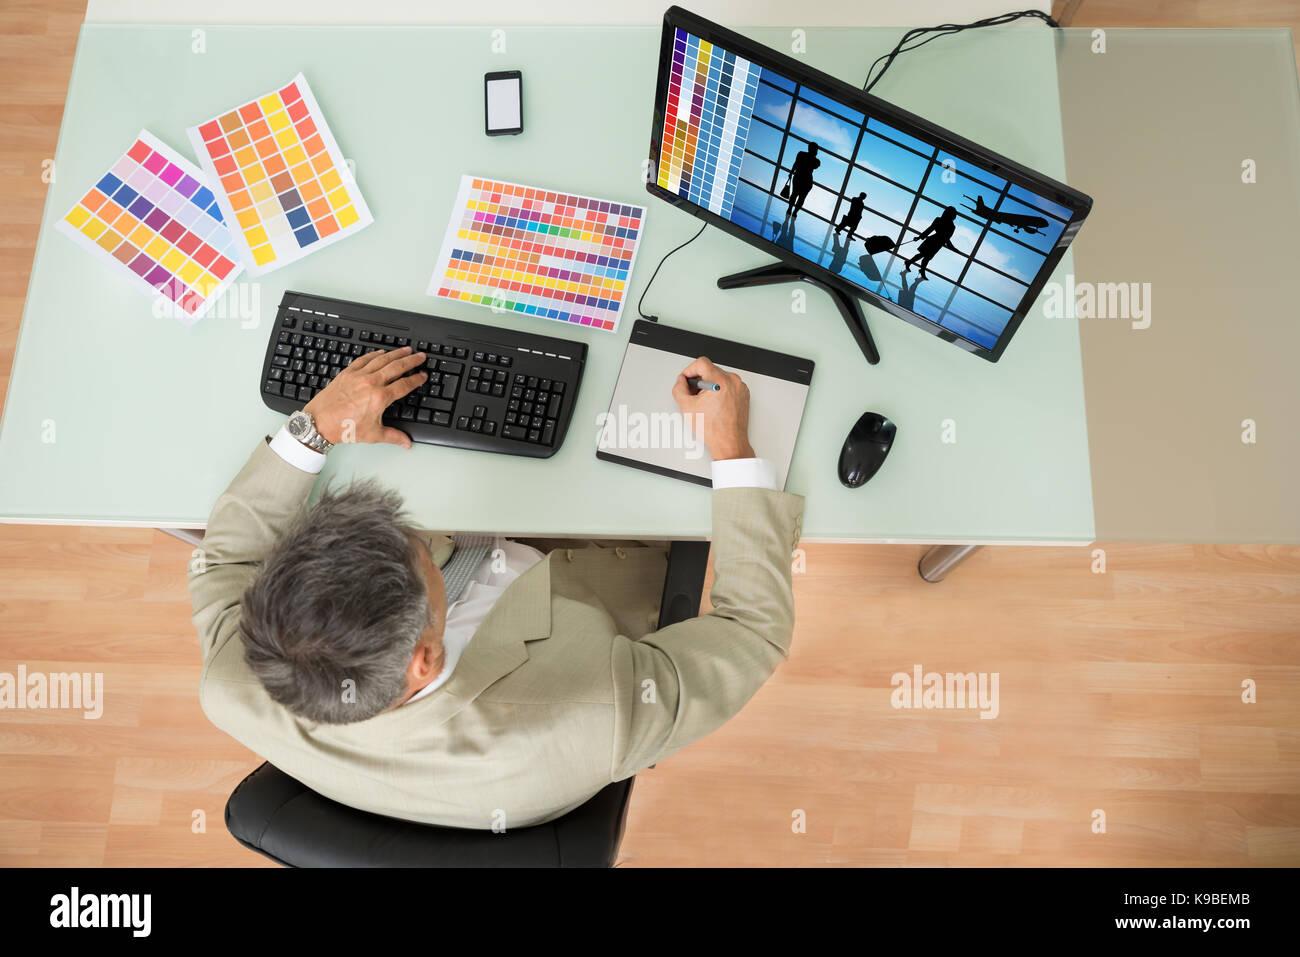 Un alto ángulo de visualización del empresario utilizando tableta gráfica en Office. El fotógrafo Imagen De Stock